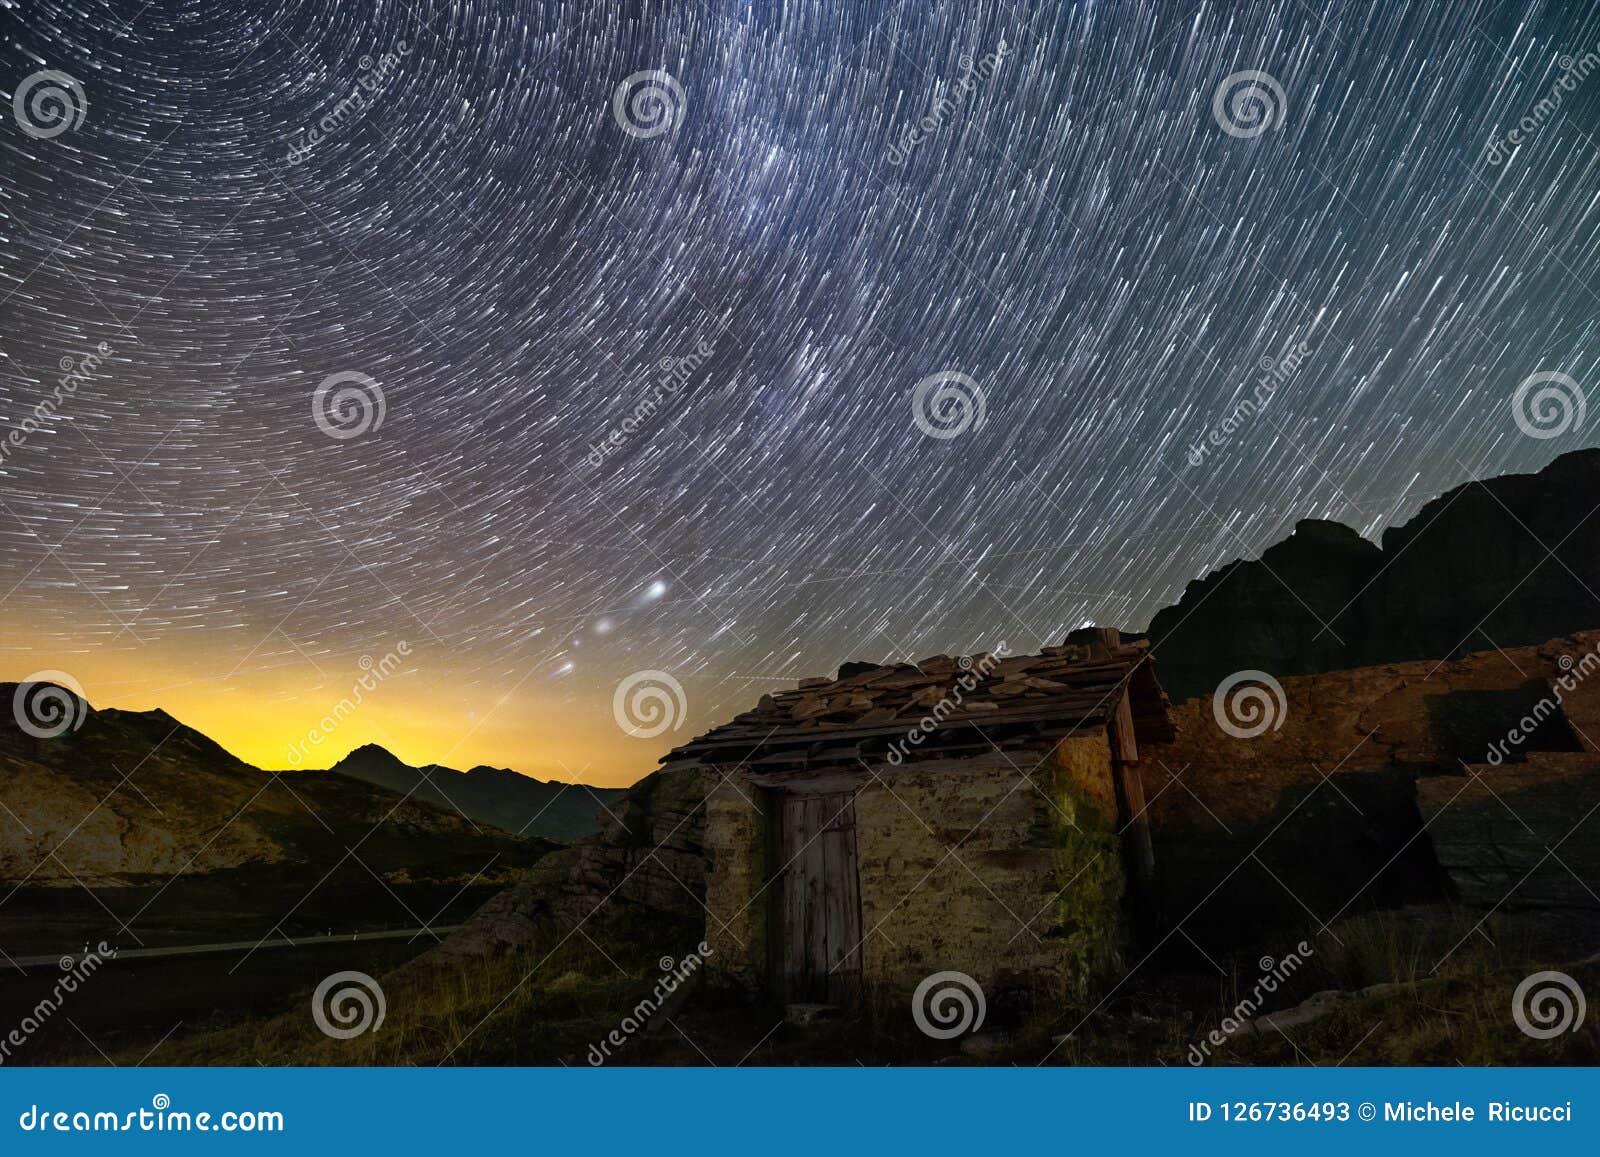 Следы звезд и изолированный дом в горных вершинах Швейцарии